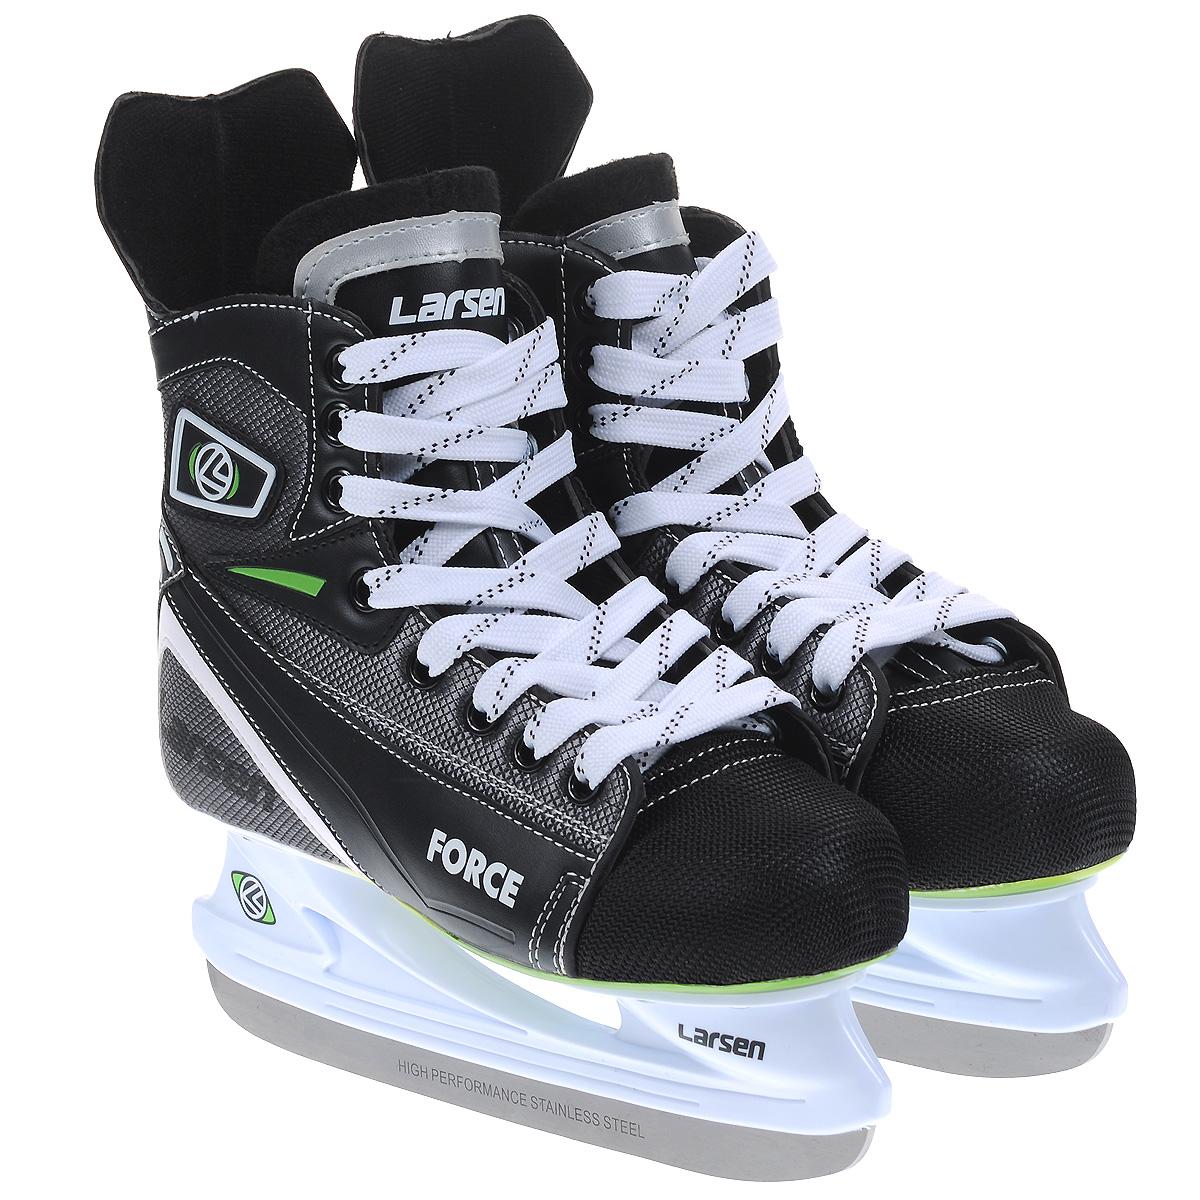 Коньки хоккейные Larsen Force, цвет: черный, серый. Размер 45ForceХоккейные коньки Force от Larsen прекрасно подойдут для начинающих игроков в хоккей. Ботинок выполнен из морозоустойчивого поливинилхлорида, мыс - из полипропилена, который защитит ноги от ударов, покрытого сетчатым нейлоном плотностью 800D. Внутренний слой изготовлен из мягкого материала Cambrelle, который обеспечит тепло и комфорт во время катания, язычок войлочный. Поролоновый утеплитель не позволит вашим ногам замерзнуть. Плотная шнуровка надежно фиксирует модель на ноге. Удобный суппорт голеностопа. Стелька из материала EVA обеспечит комфортное катание. Стойка выполнена из ударопрочного пластика. Лезвие из высокоуглеродистой стали жесткостью HRC 50-52 обеспечит превосходное скольжение.